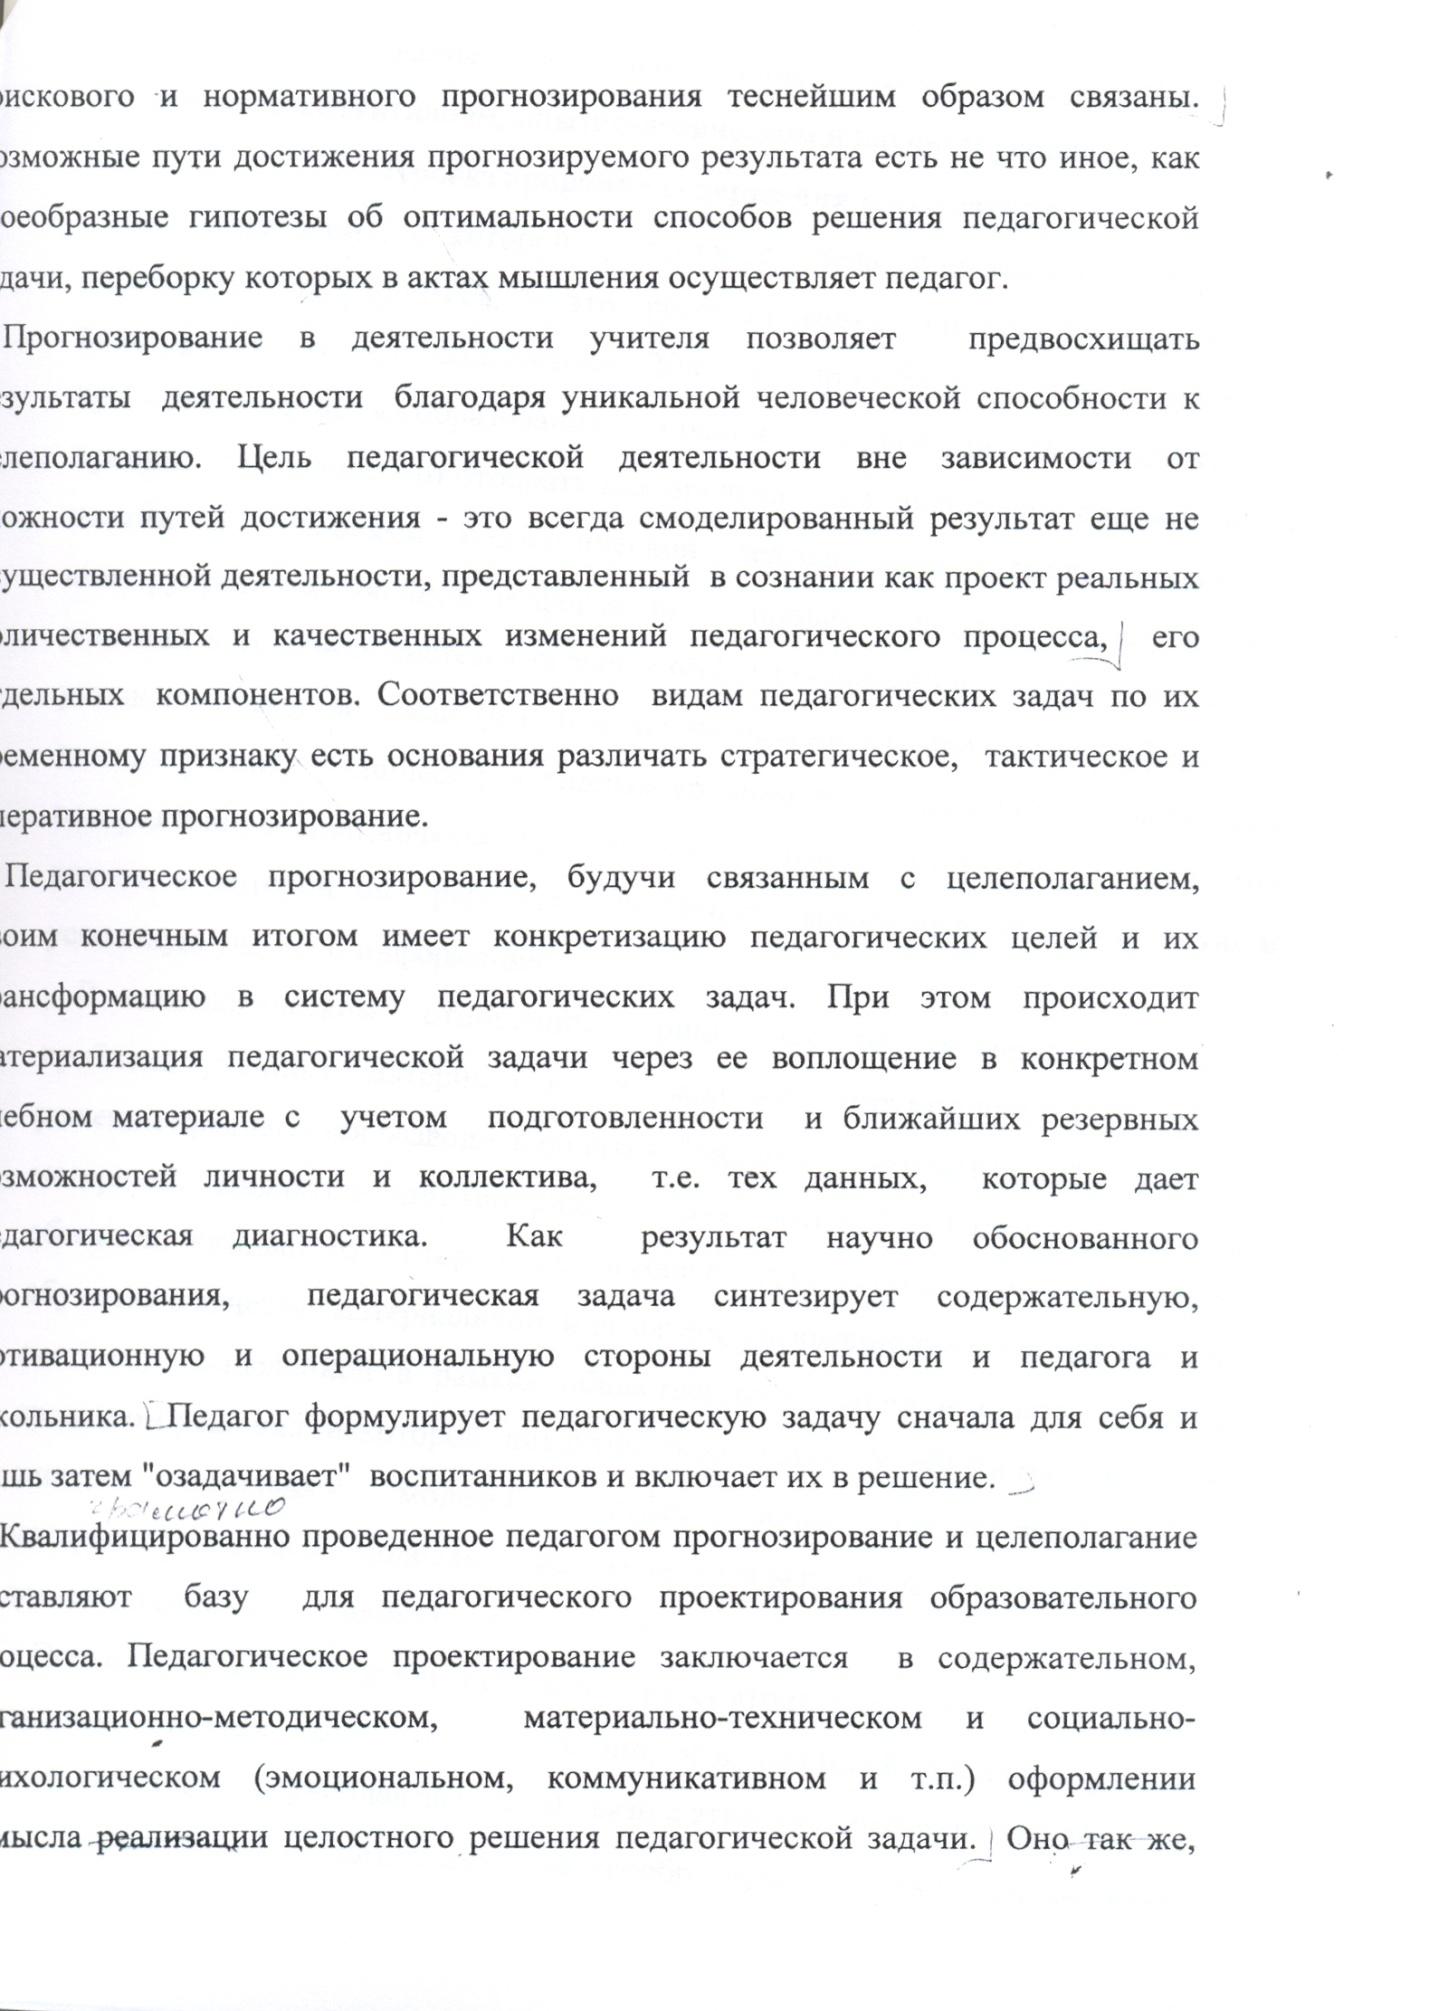 сканирование0002.jpg